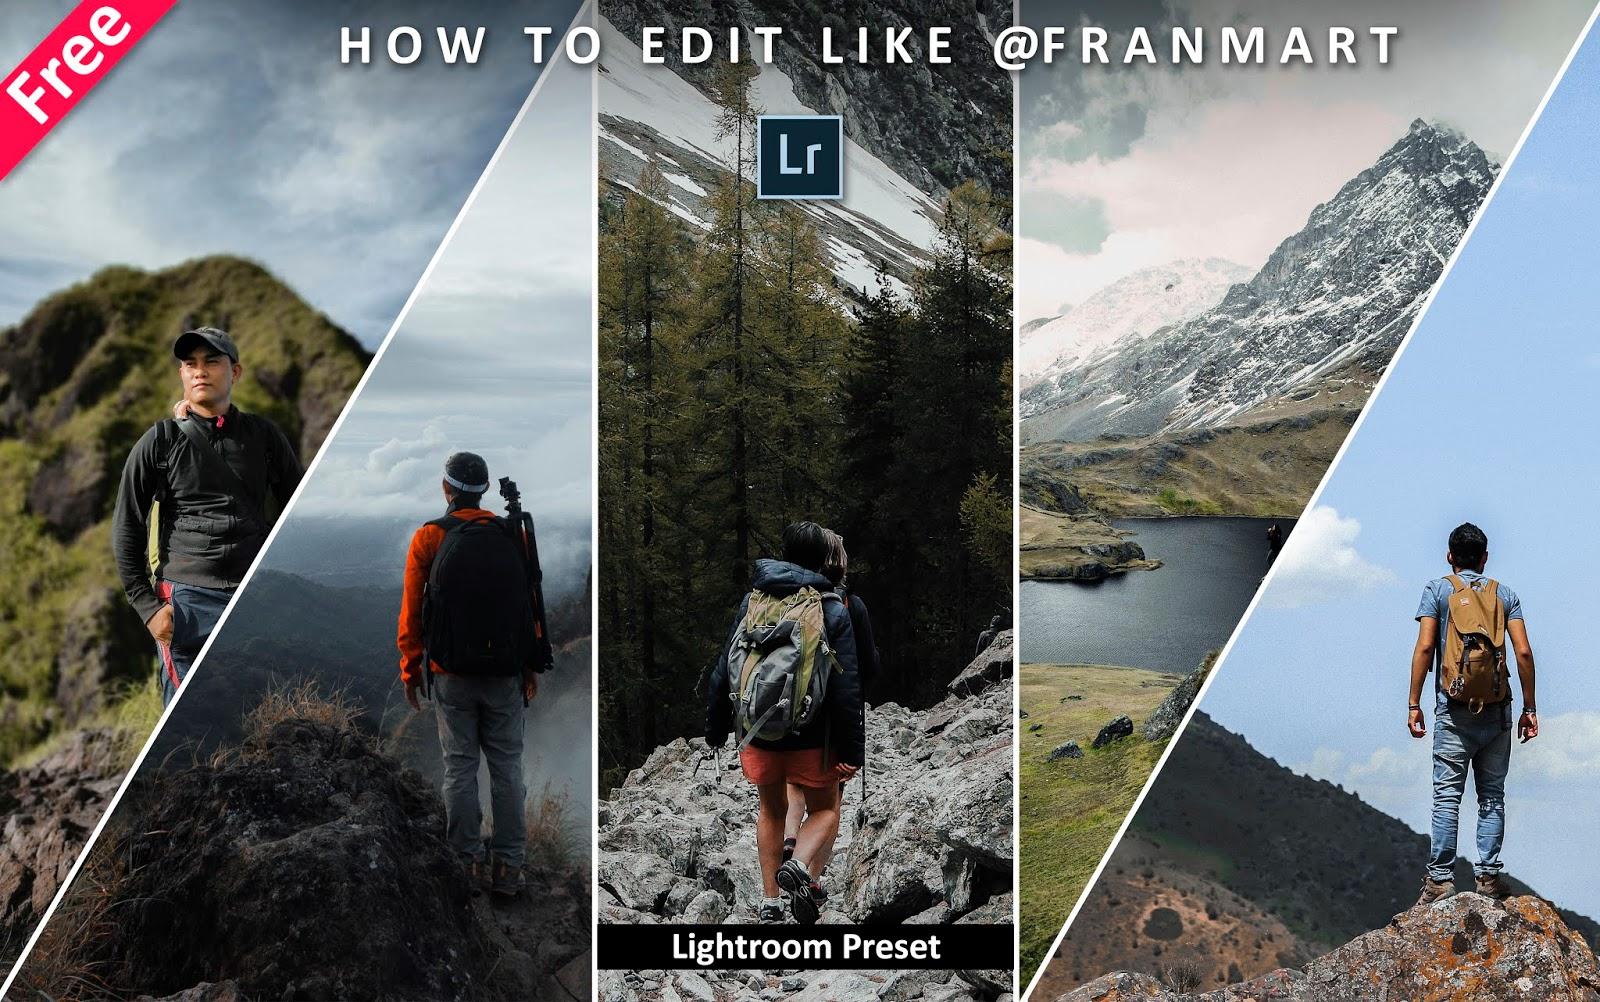 Download Franmart Lightroom Preset for Free | How to Edit Photos Like Franmart in Lightroom